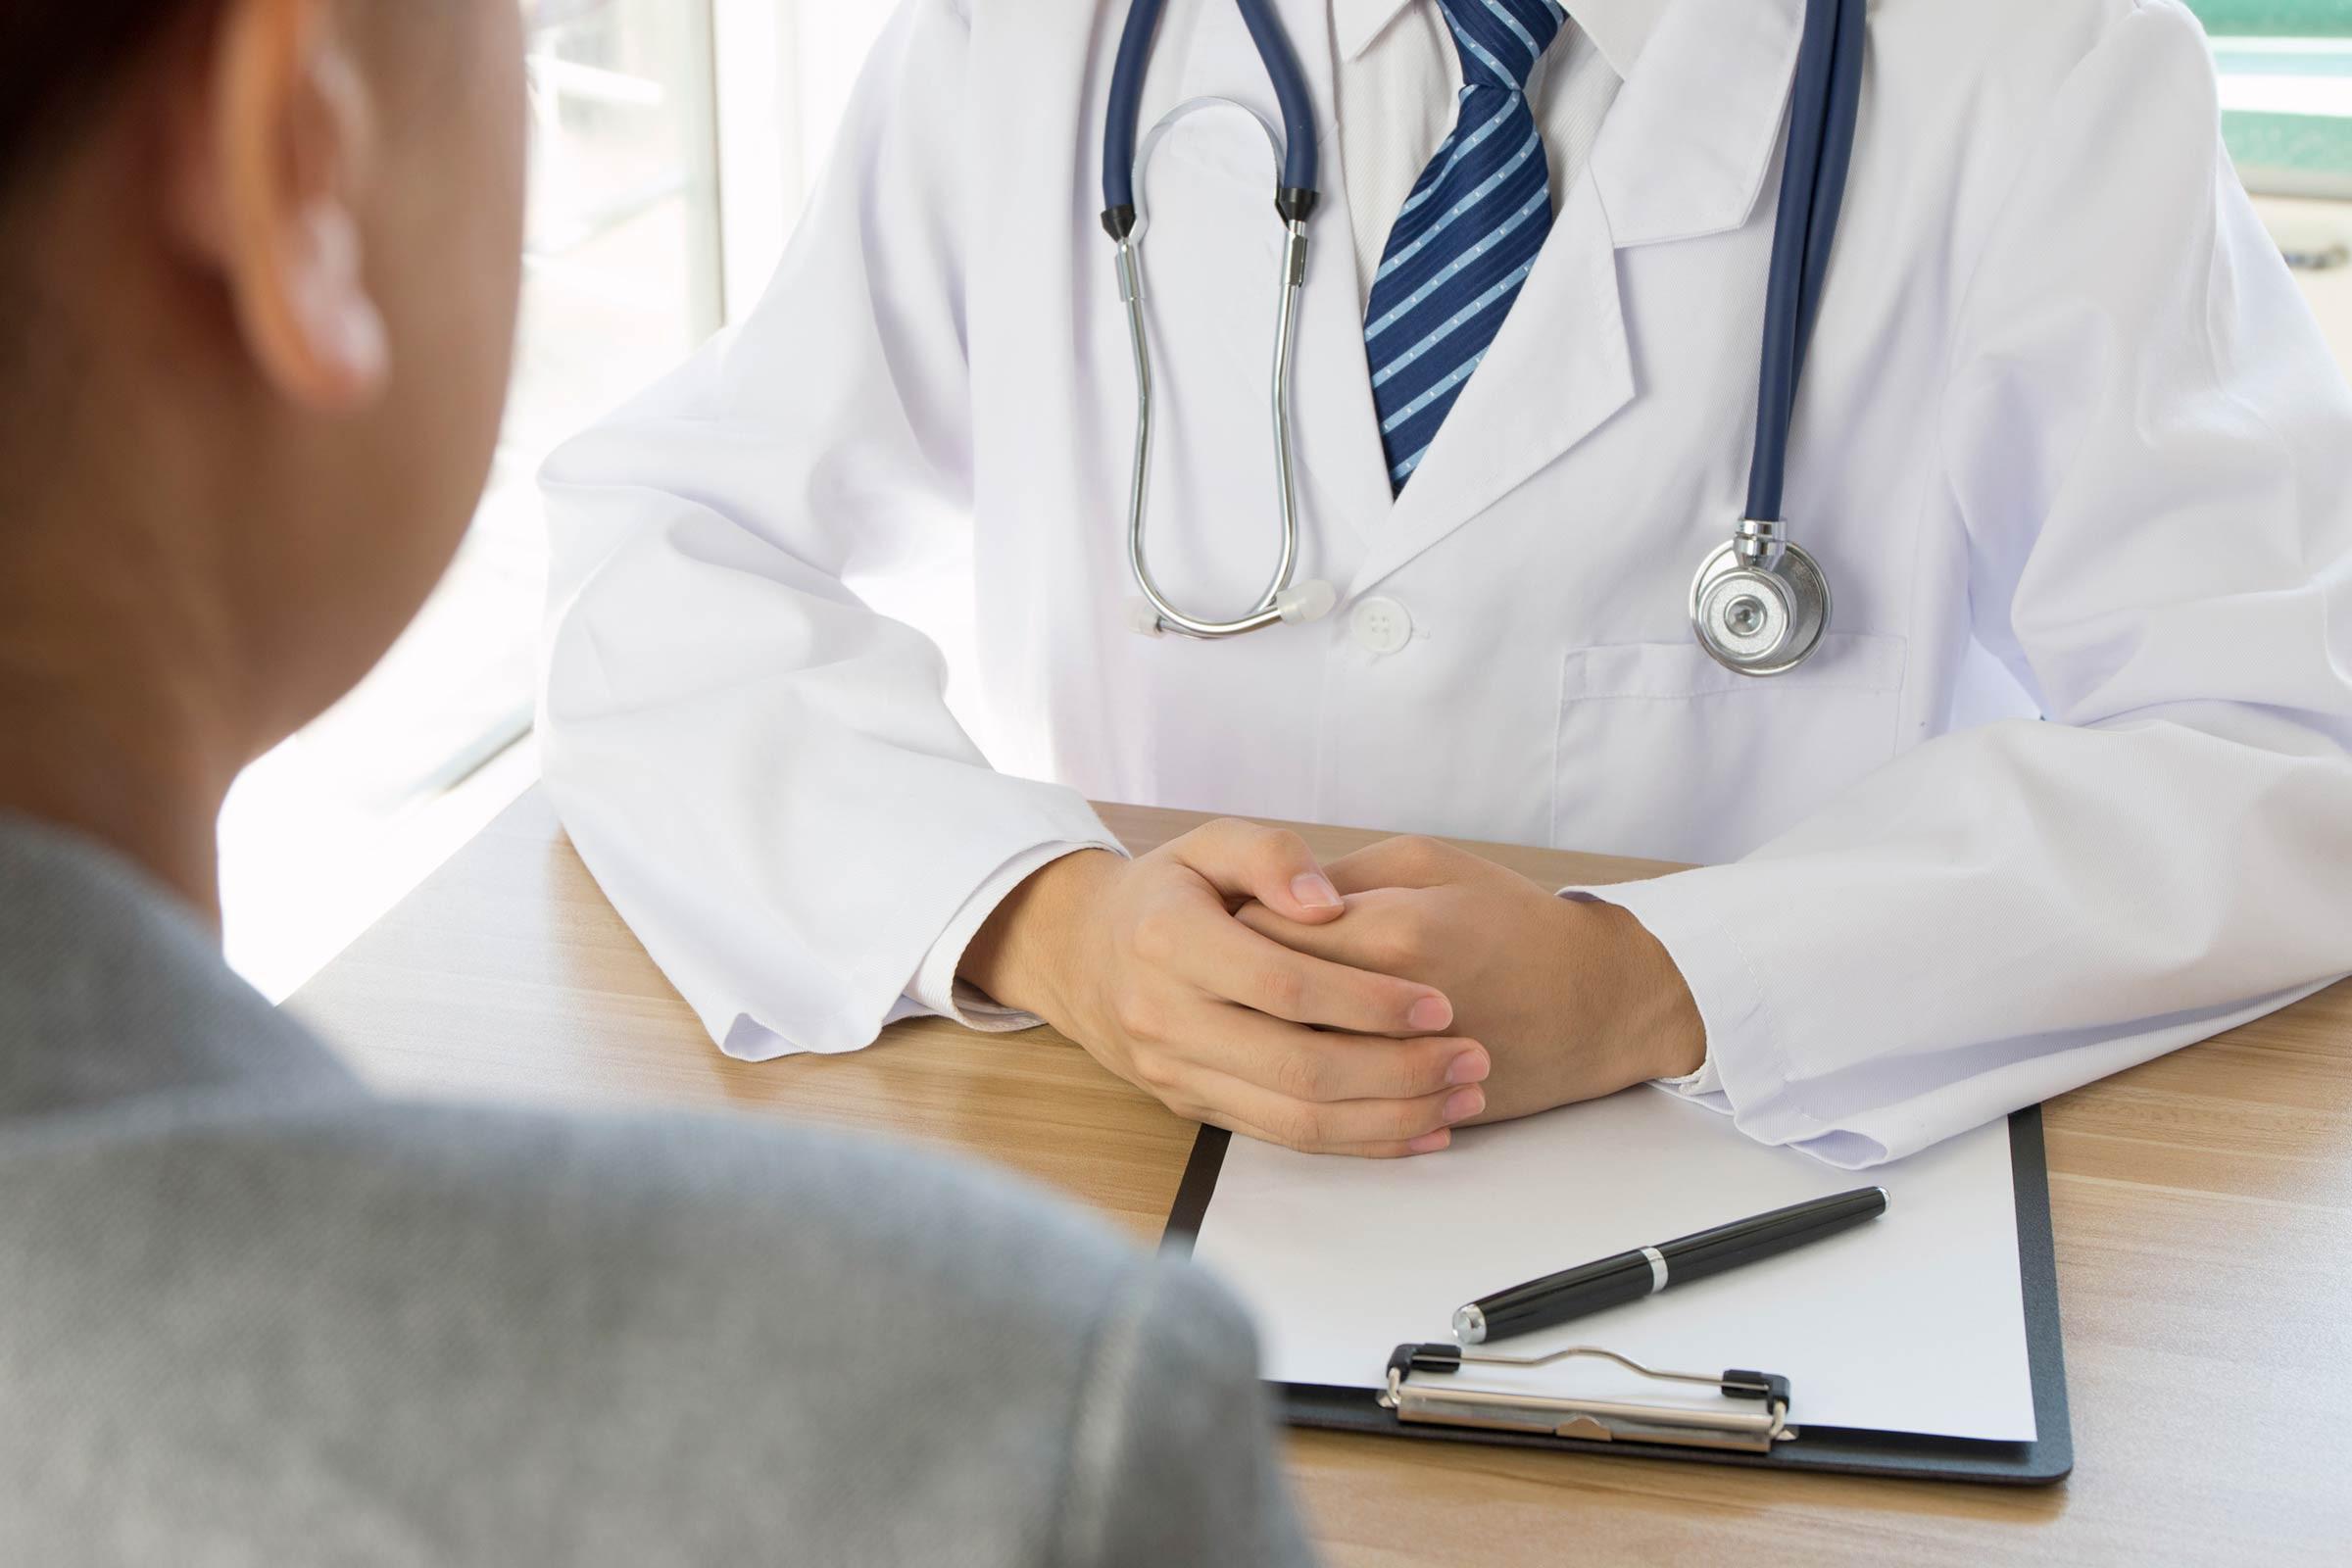 علائم خاموش سرطان  کیسه صفرا که ممکن است نادیده گرفته شوند